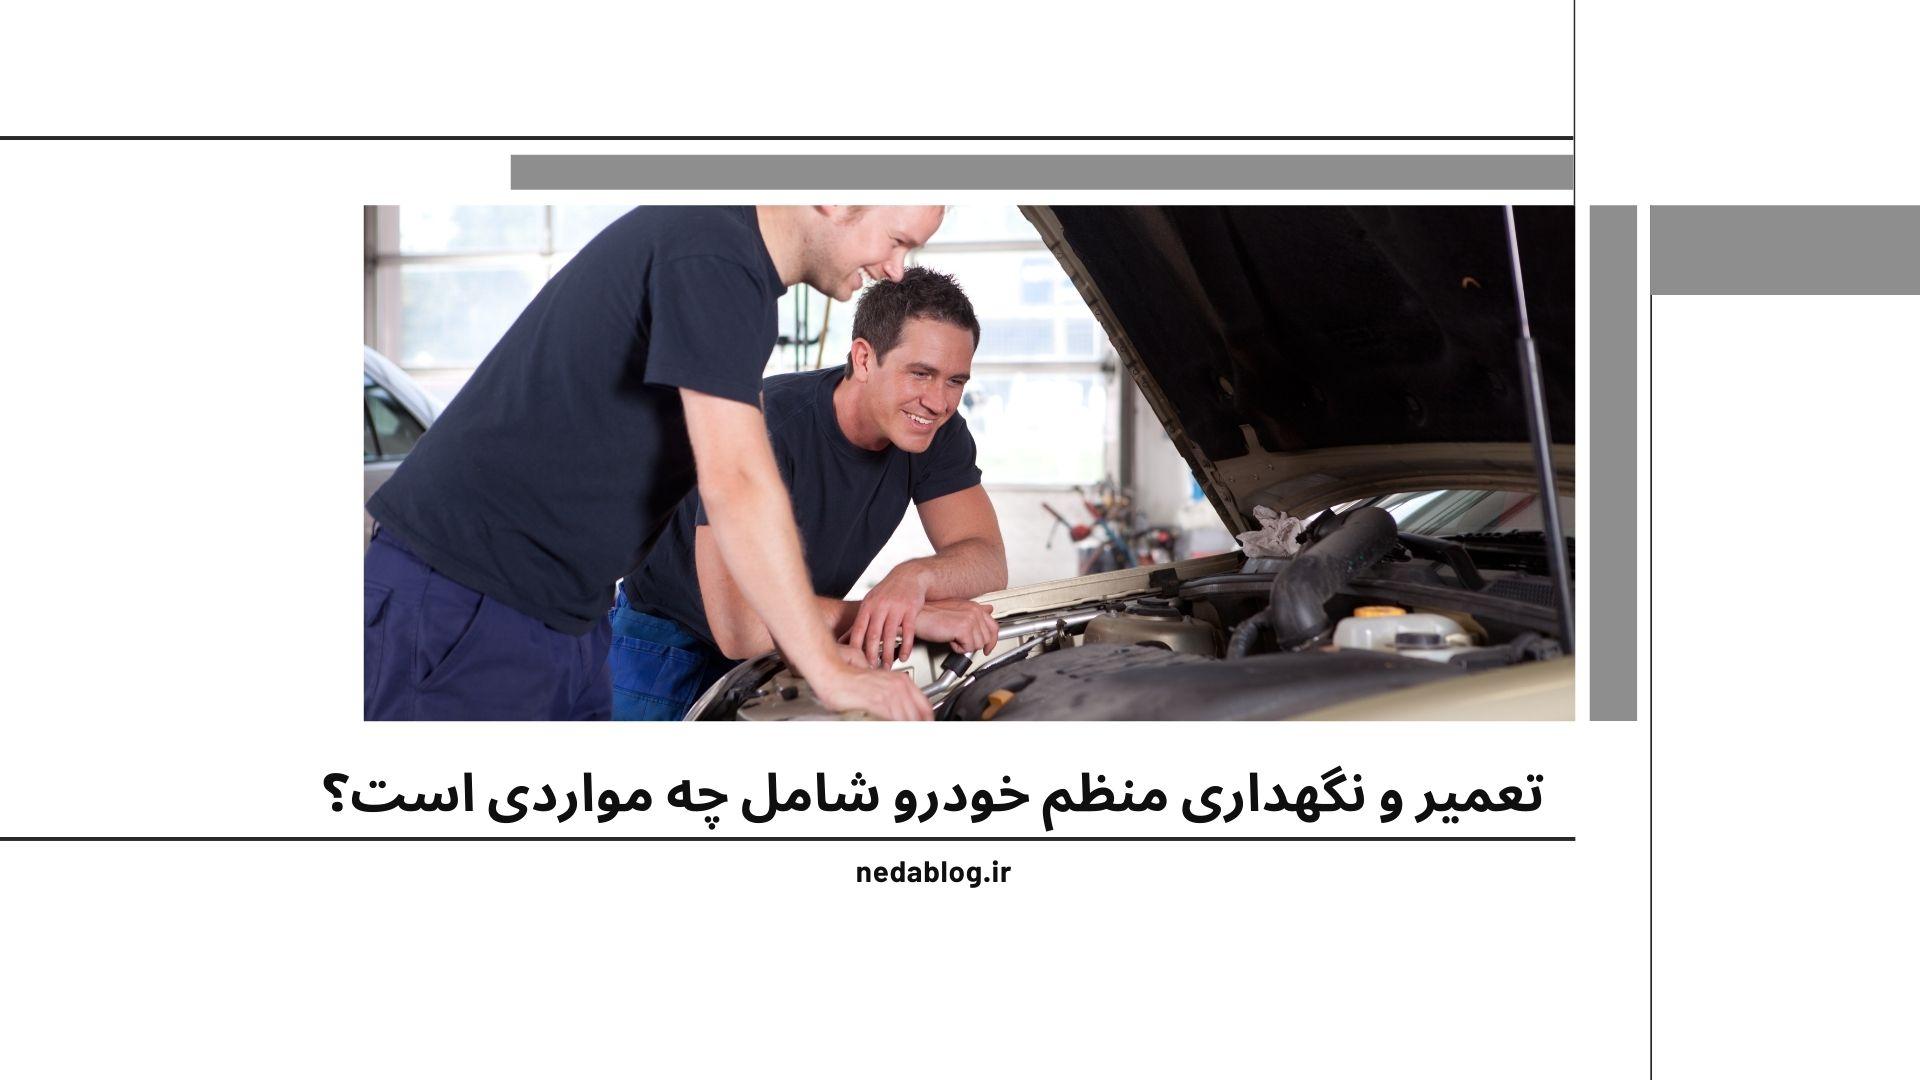 تعمیر و نگهداری منظم خودرو شامل چه مواردی است؟